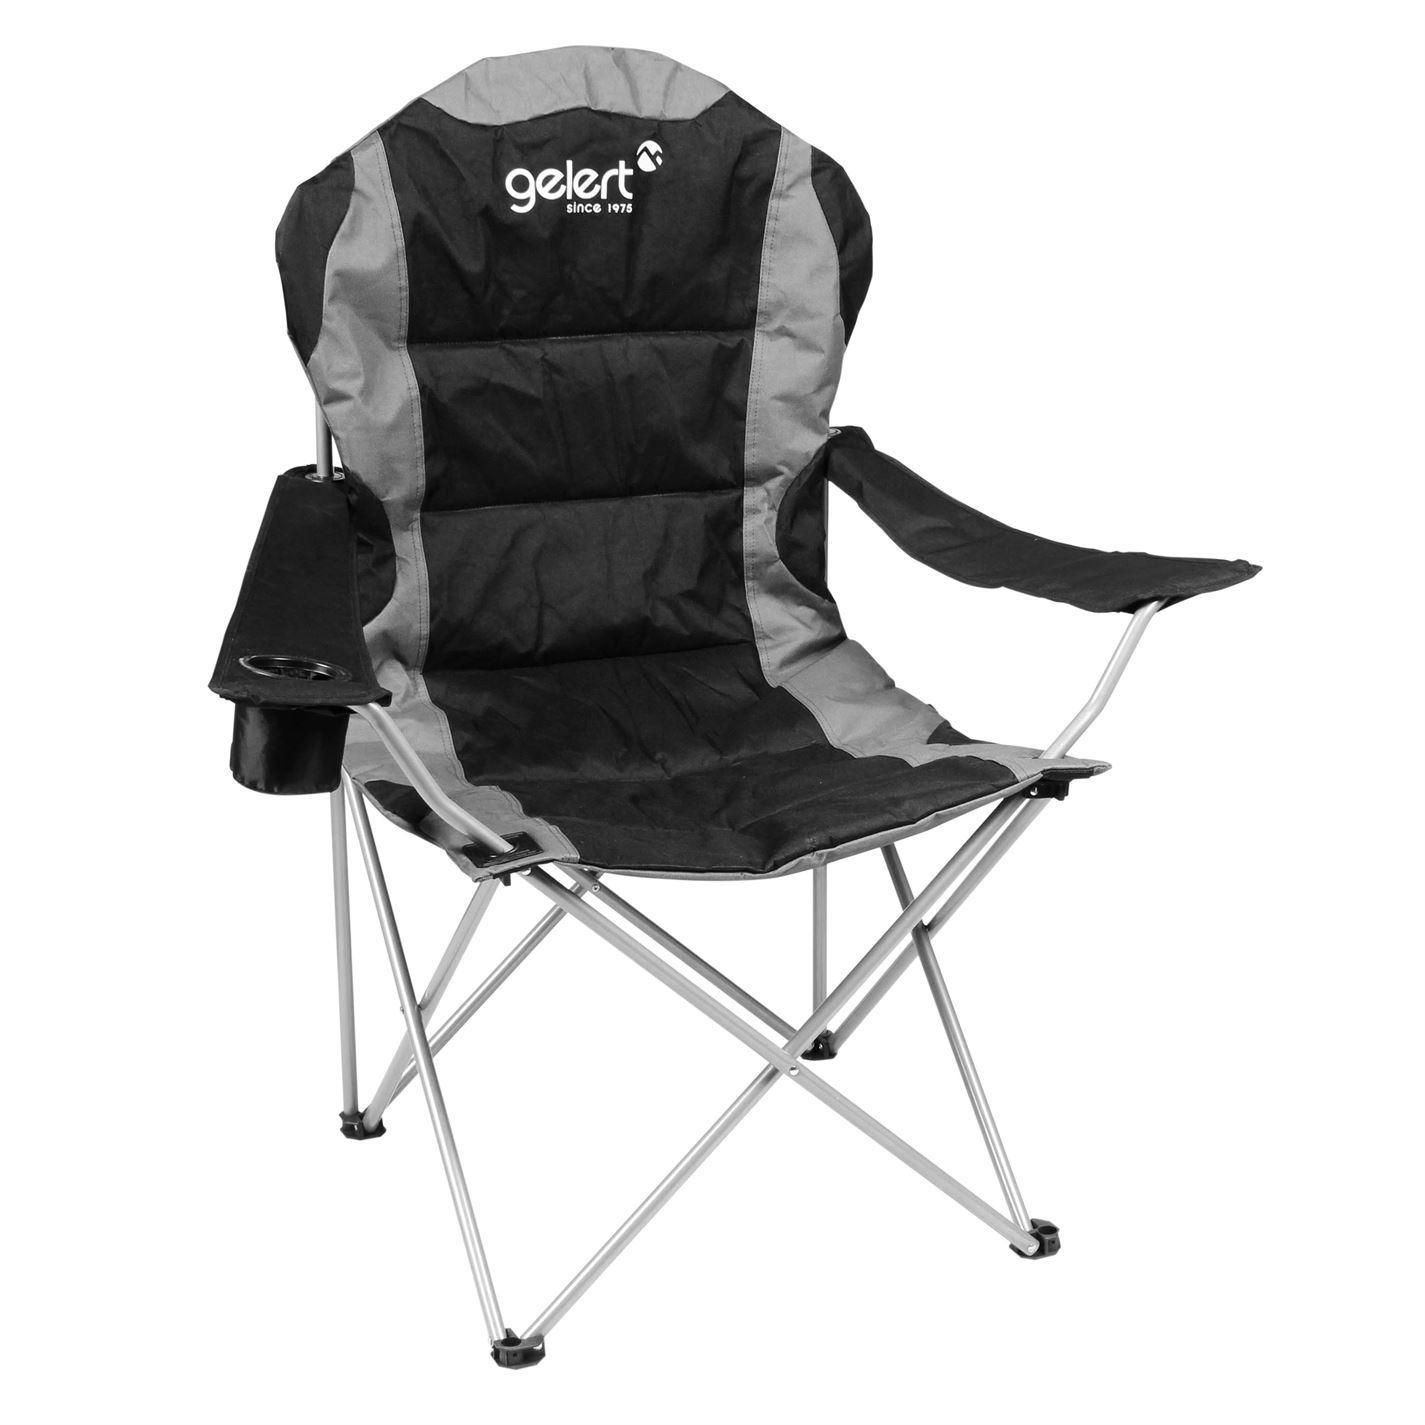 Gelert Deluxe Camping Chair